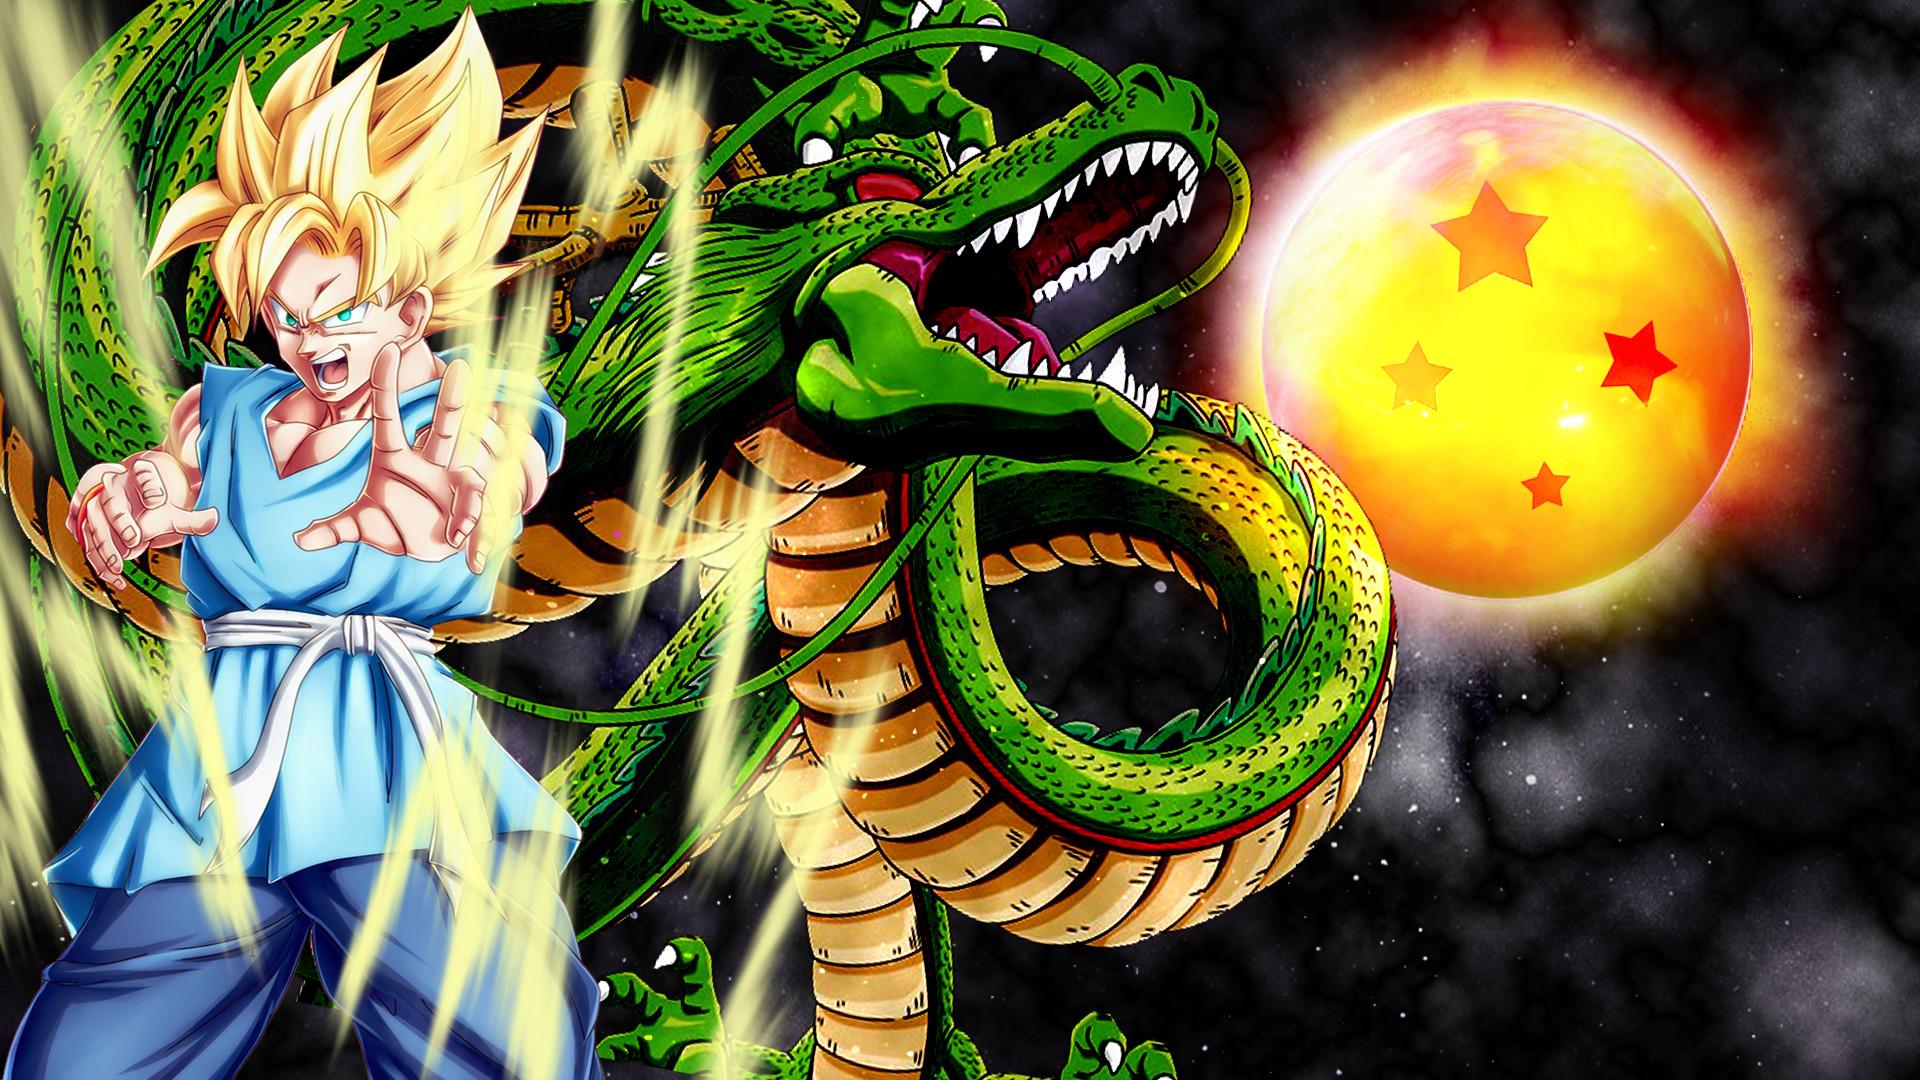 Fondos de dragon ball z goku wallpapers para descargar gratis for Imagenes wallpaper hd